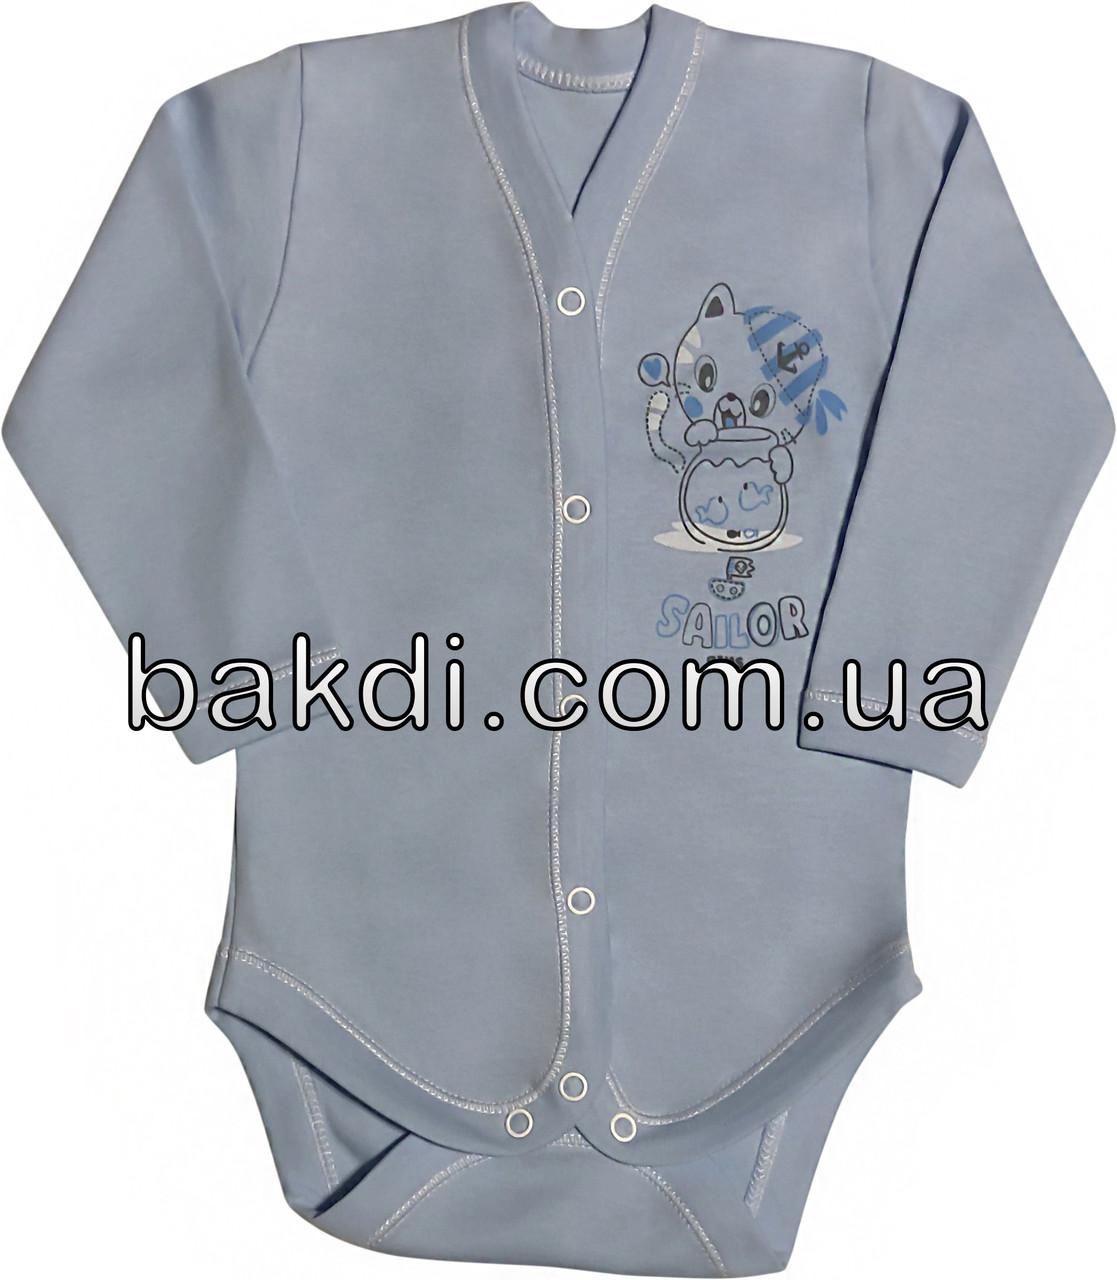 Детское боди на мальчика рост 68 3-6 мес для новорожденных трикотажное с длинным рукавом интерлок голубое